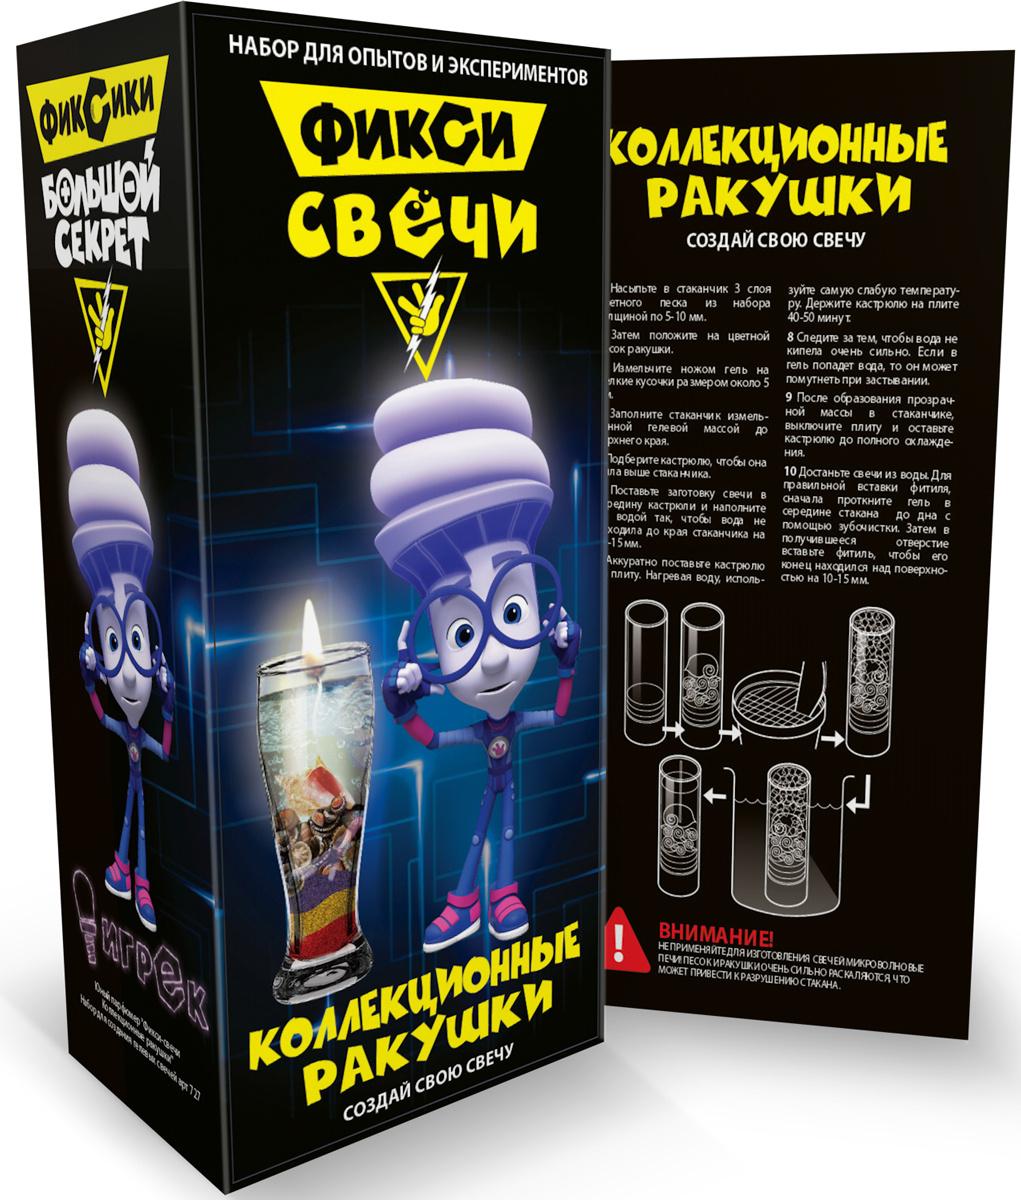 Висма Набор для проведения экспериментов Фикси-свечи Коллекционные ракушки  #1